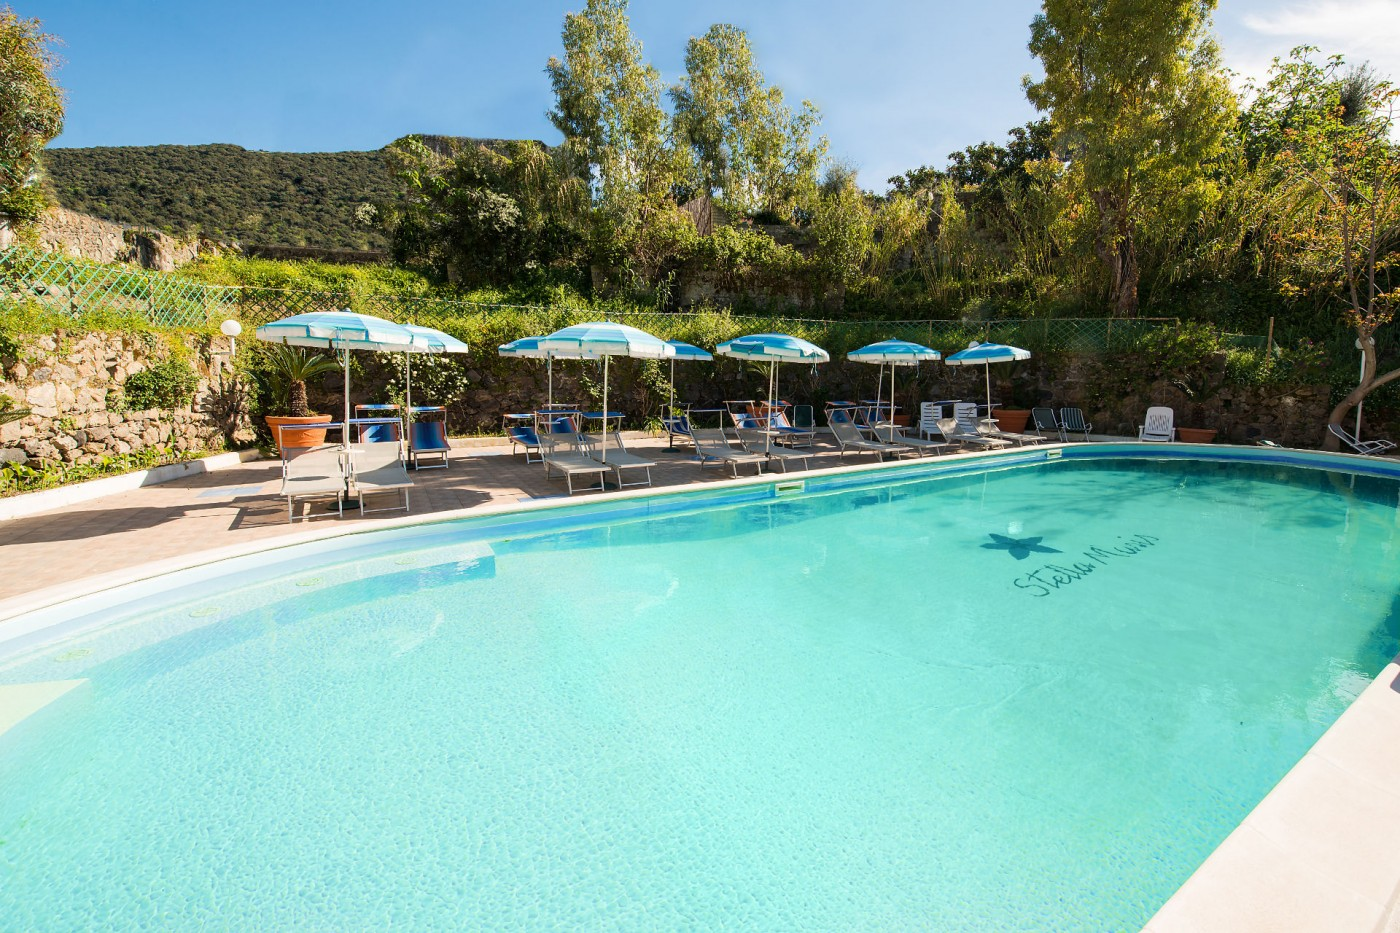 hotel-stella-maris-ischia-piscina